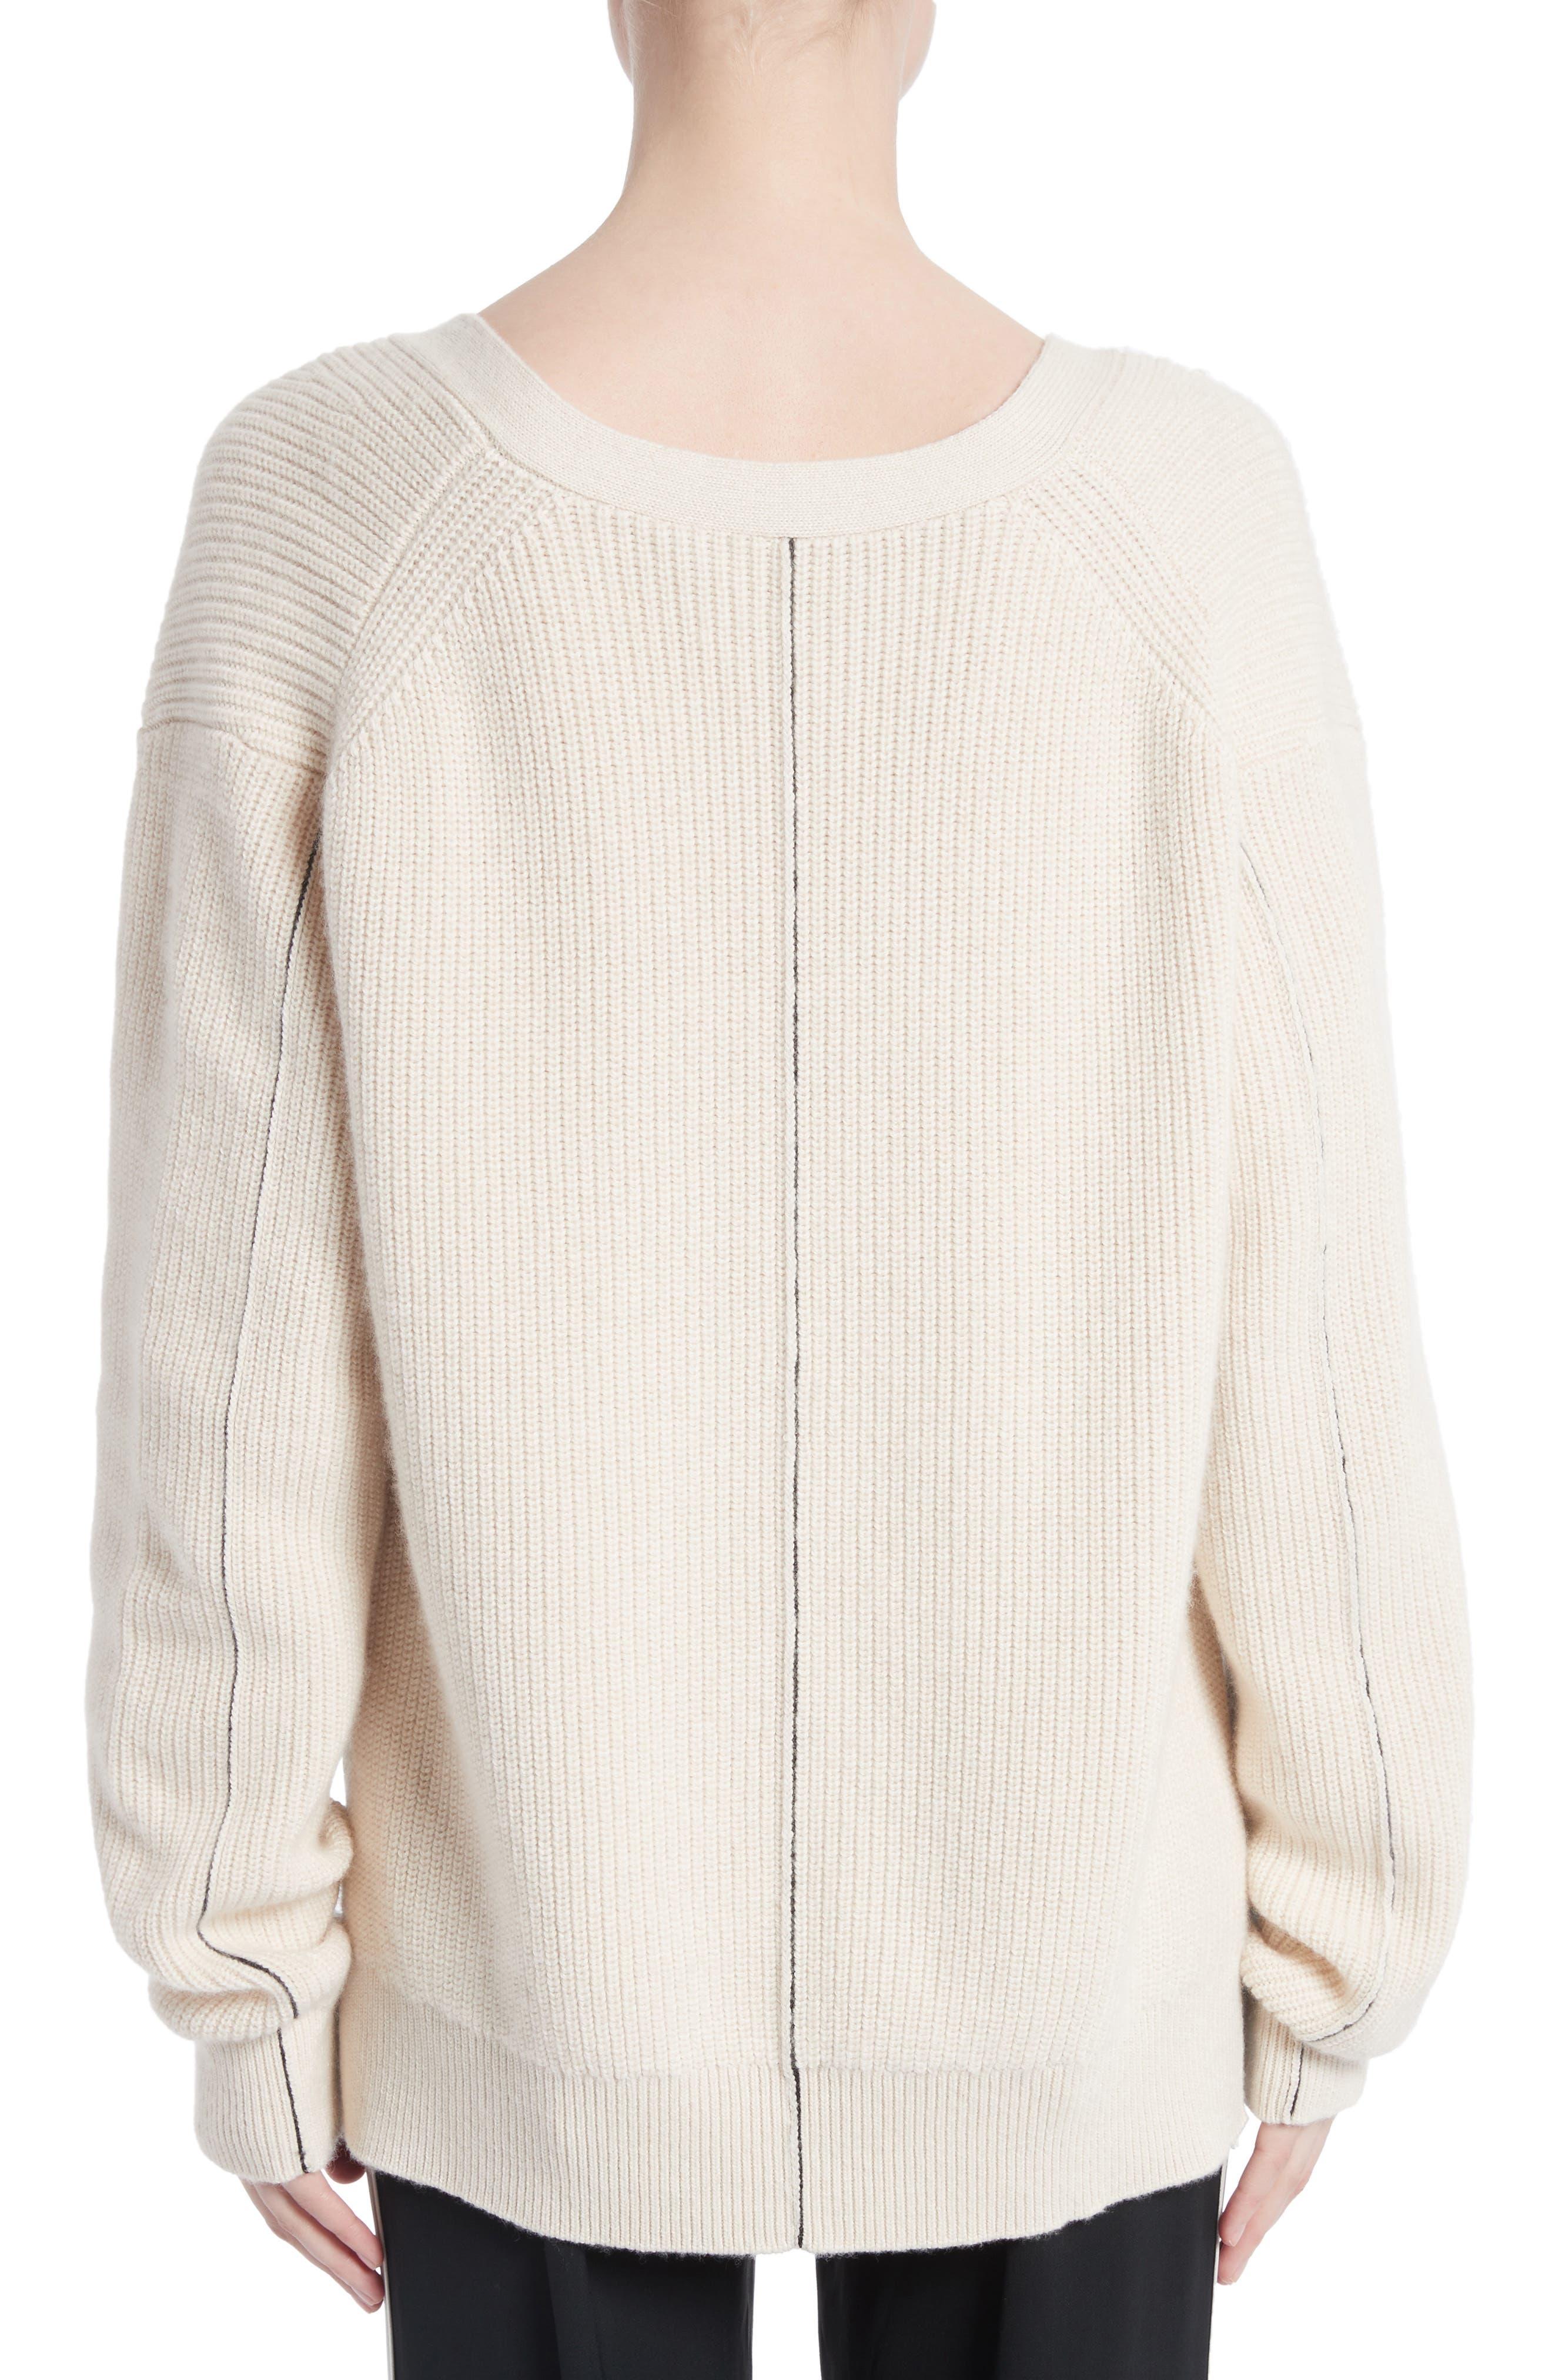 Cotton & Cashmere Cardigan,                             Alternate thumbnail 2, color,